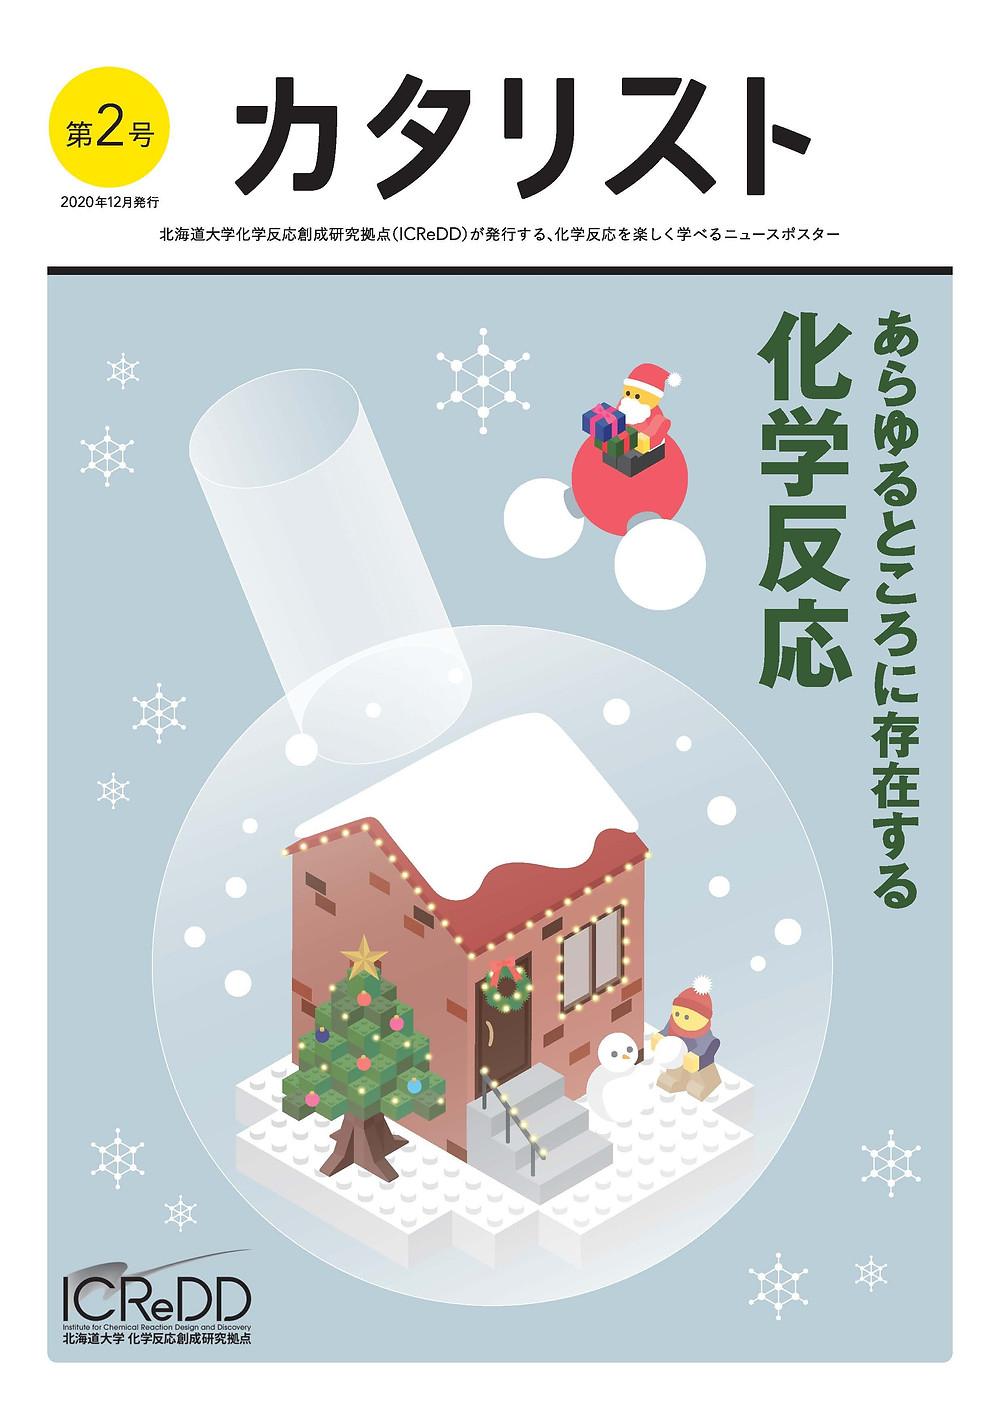 カタリスト_大学_研究_化学_デザイン